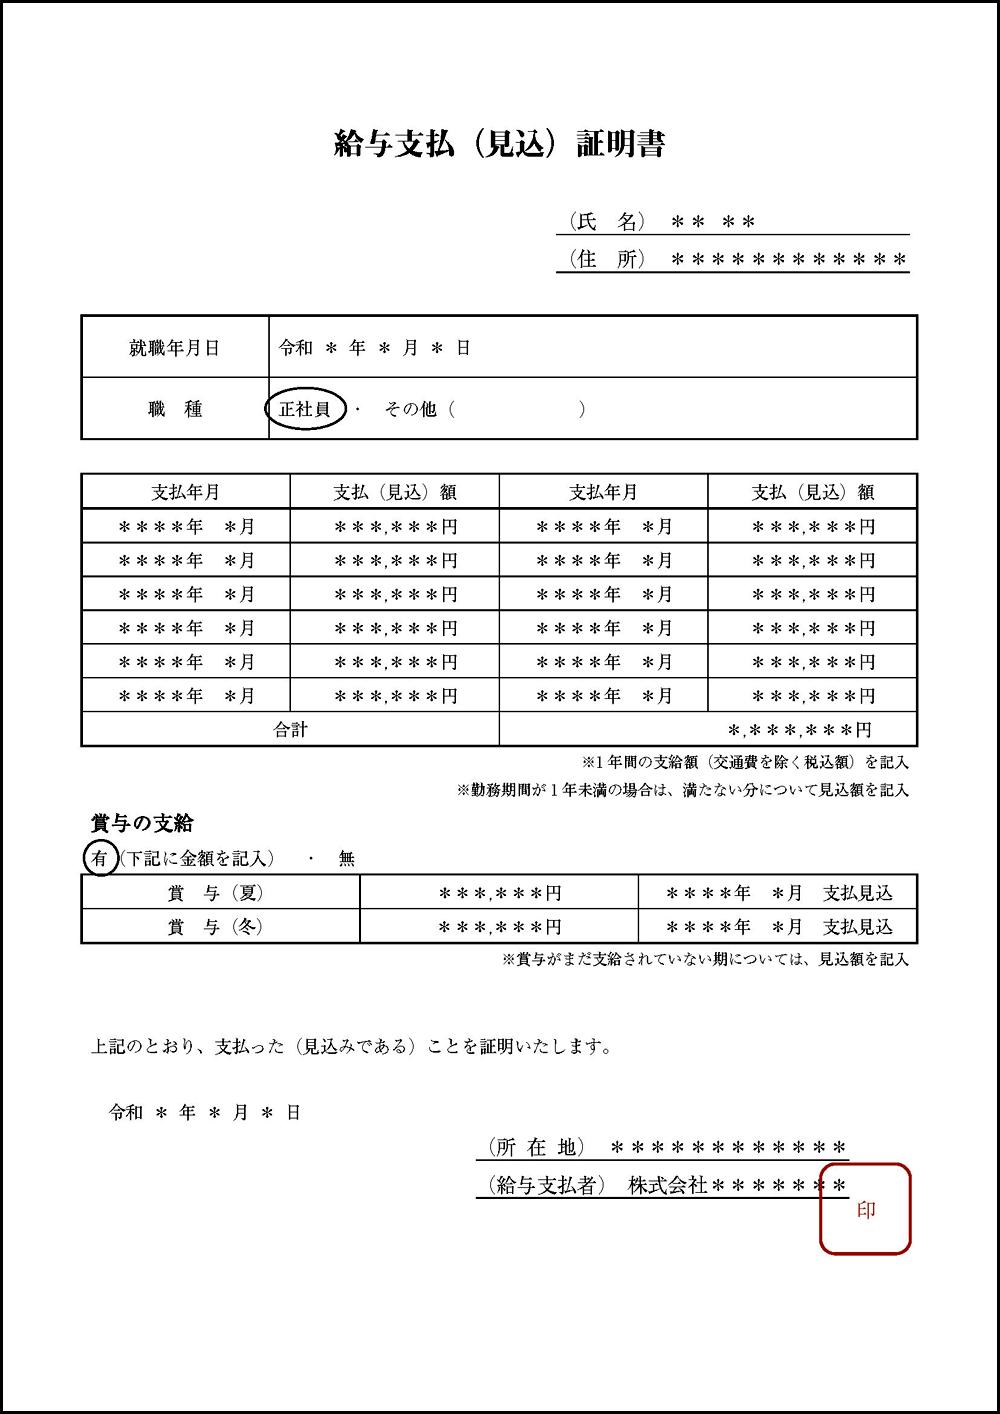 給与支払見込証明書の見本・サンプル